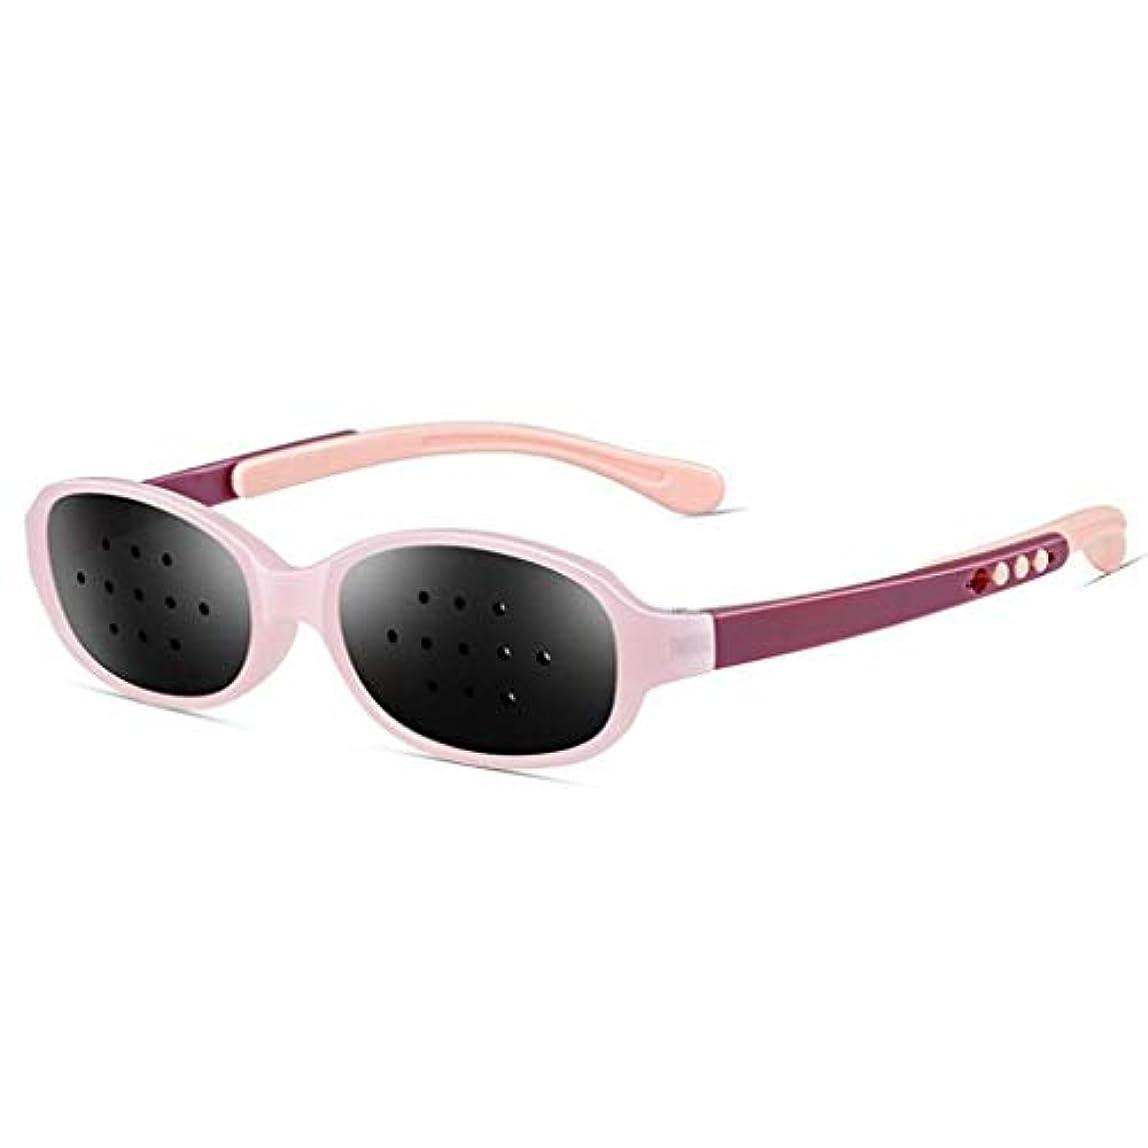 それに応じて歯車パン屋ユニセックス視力ビジョンケアビジョンピンホールメガネアイズエクササイズファッションナチュラル (Color : 紫の)